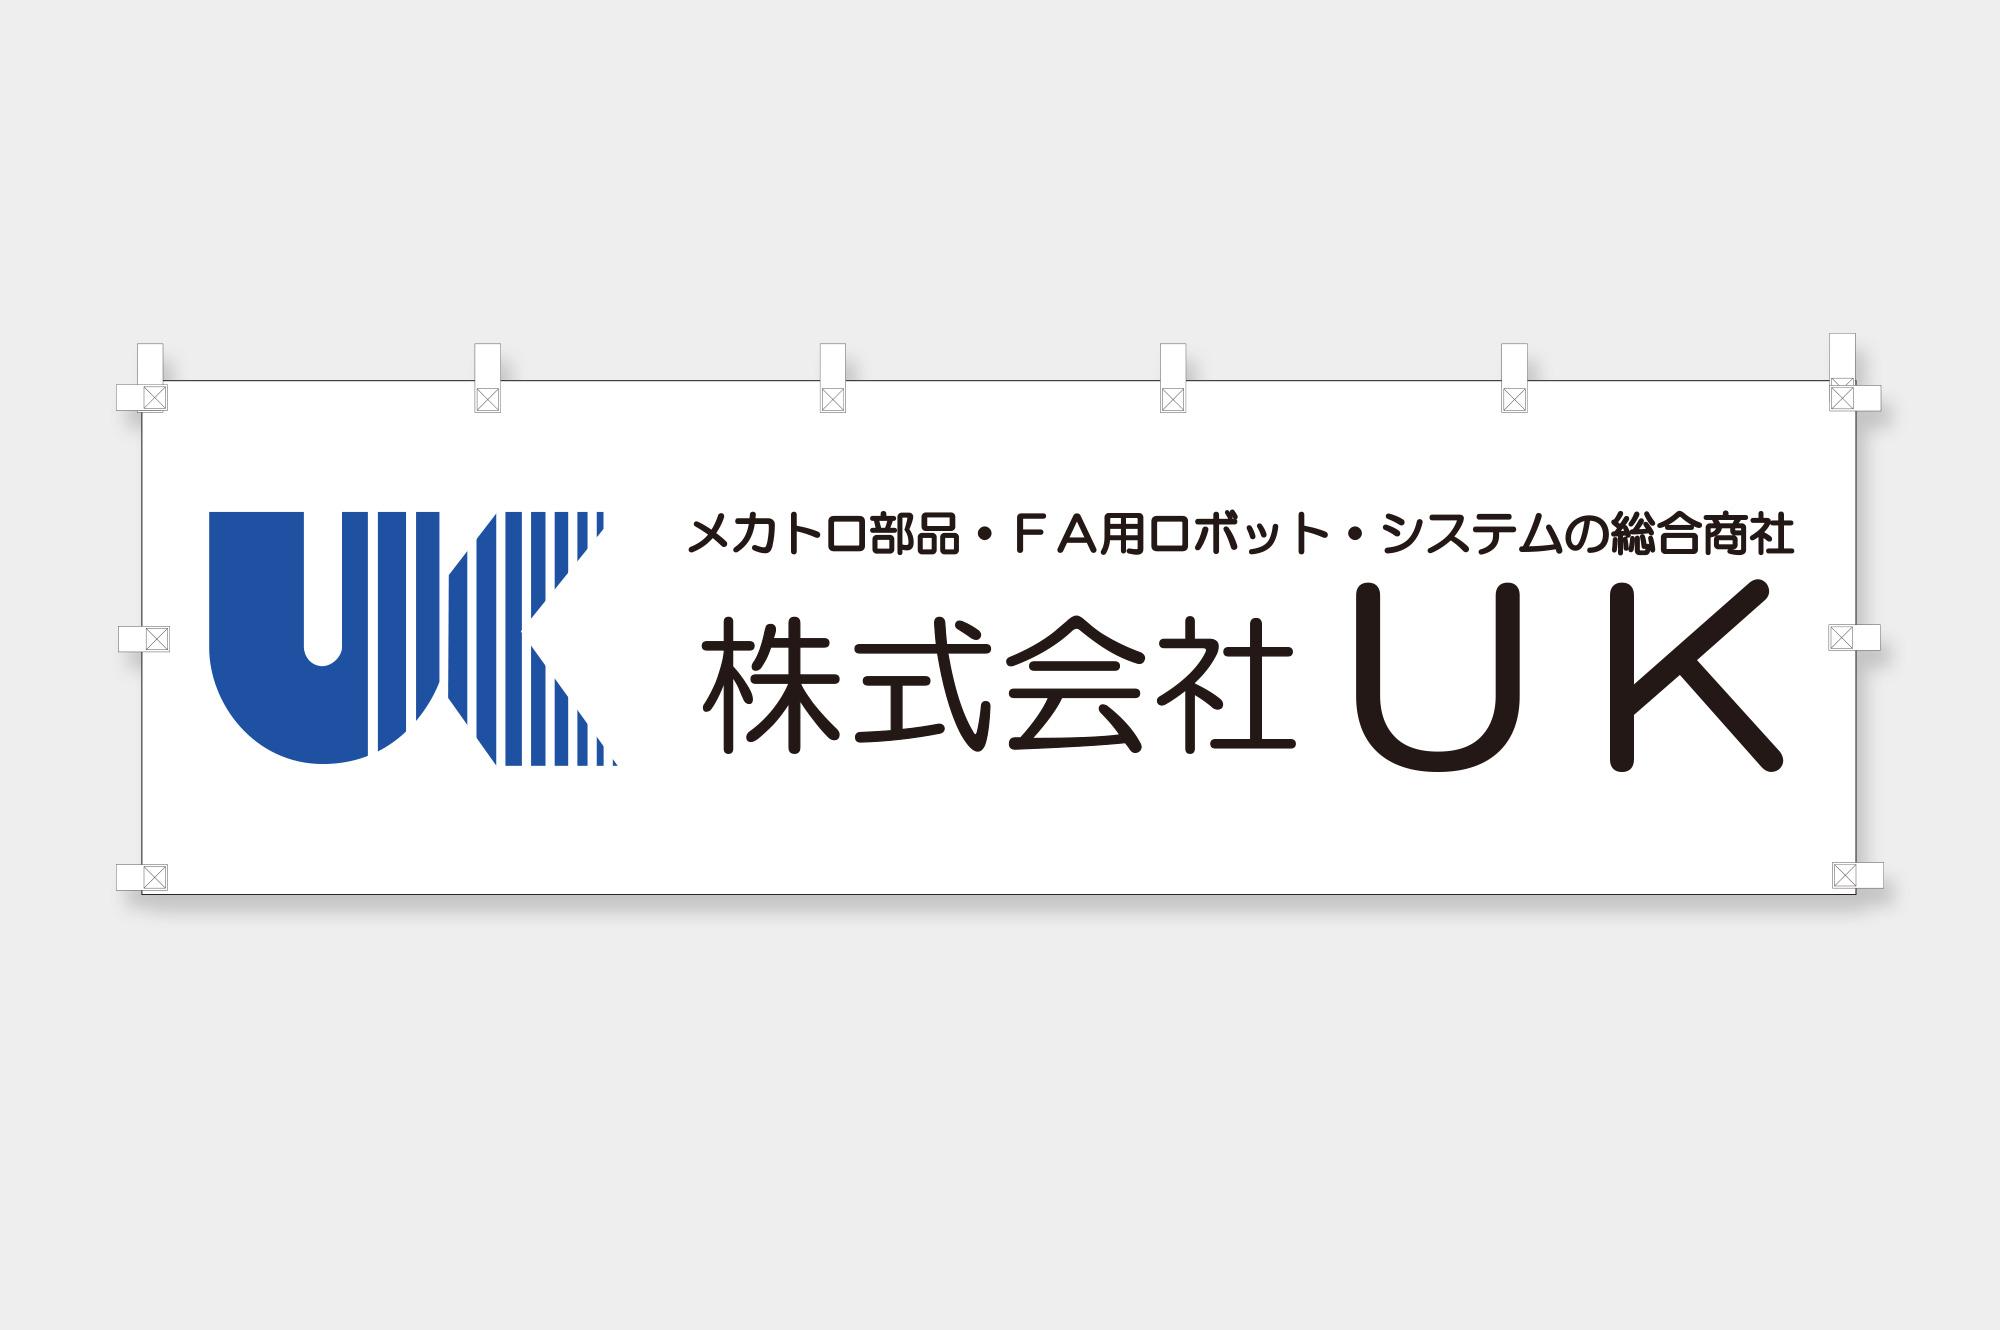 展示用横断幕(株式会社UK様)